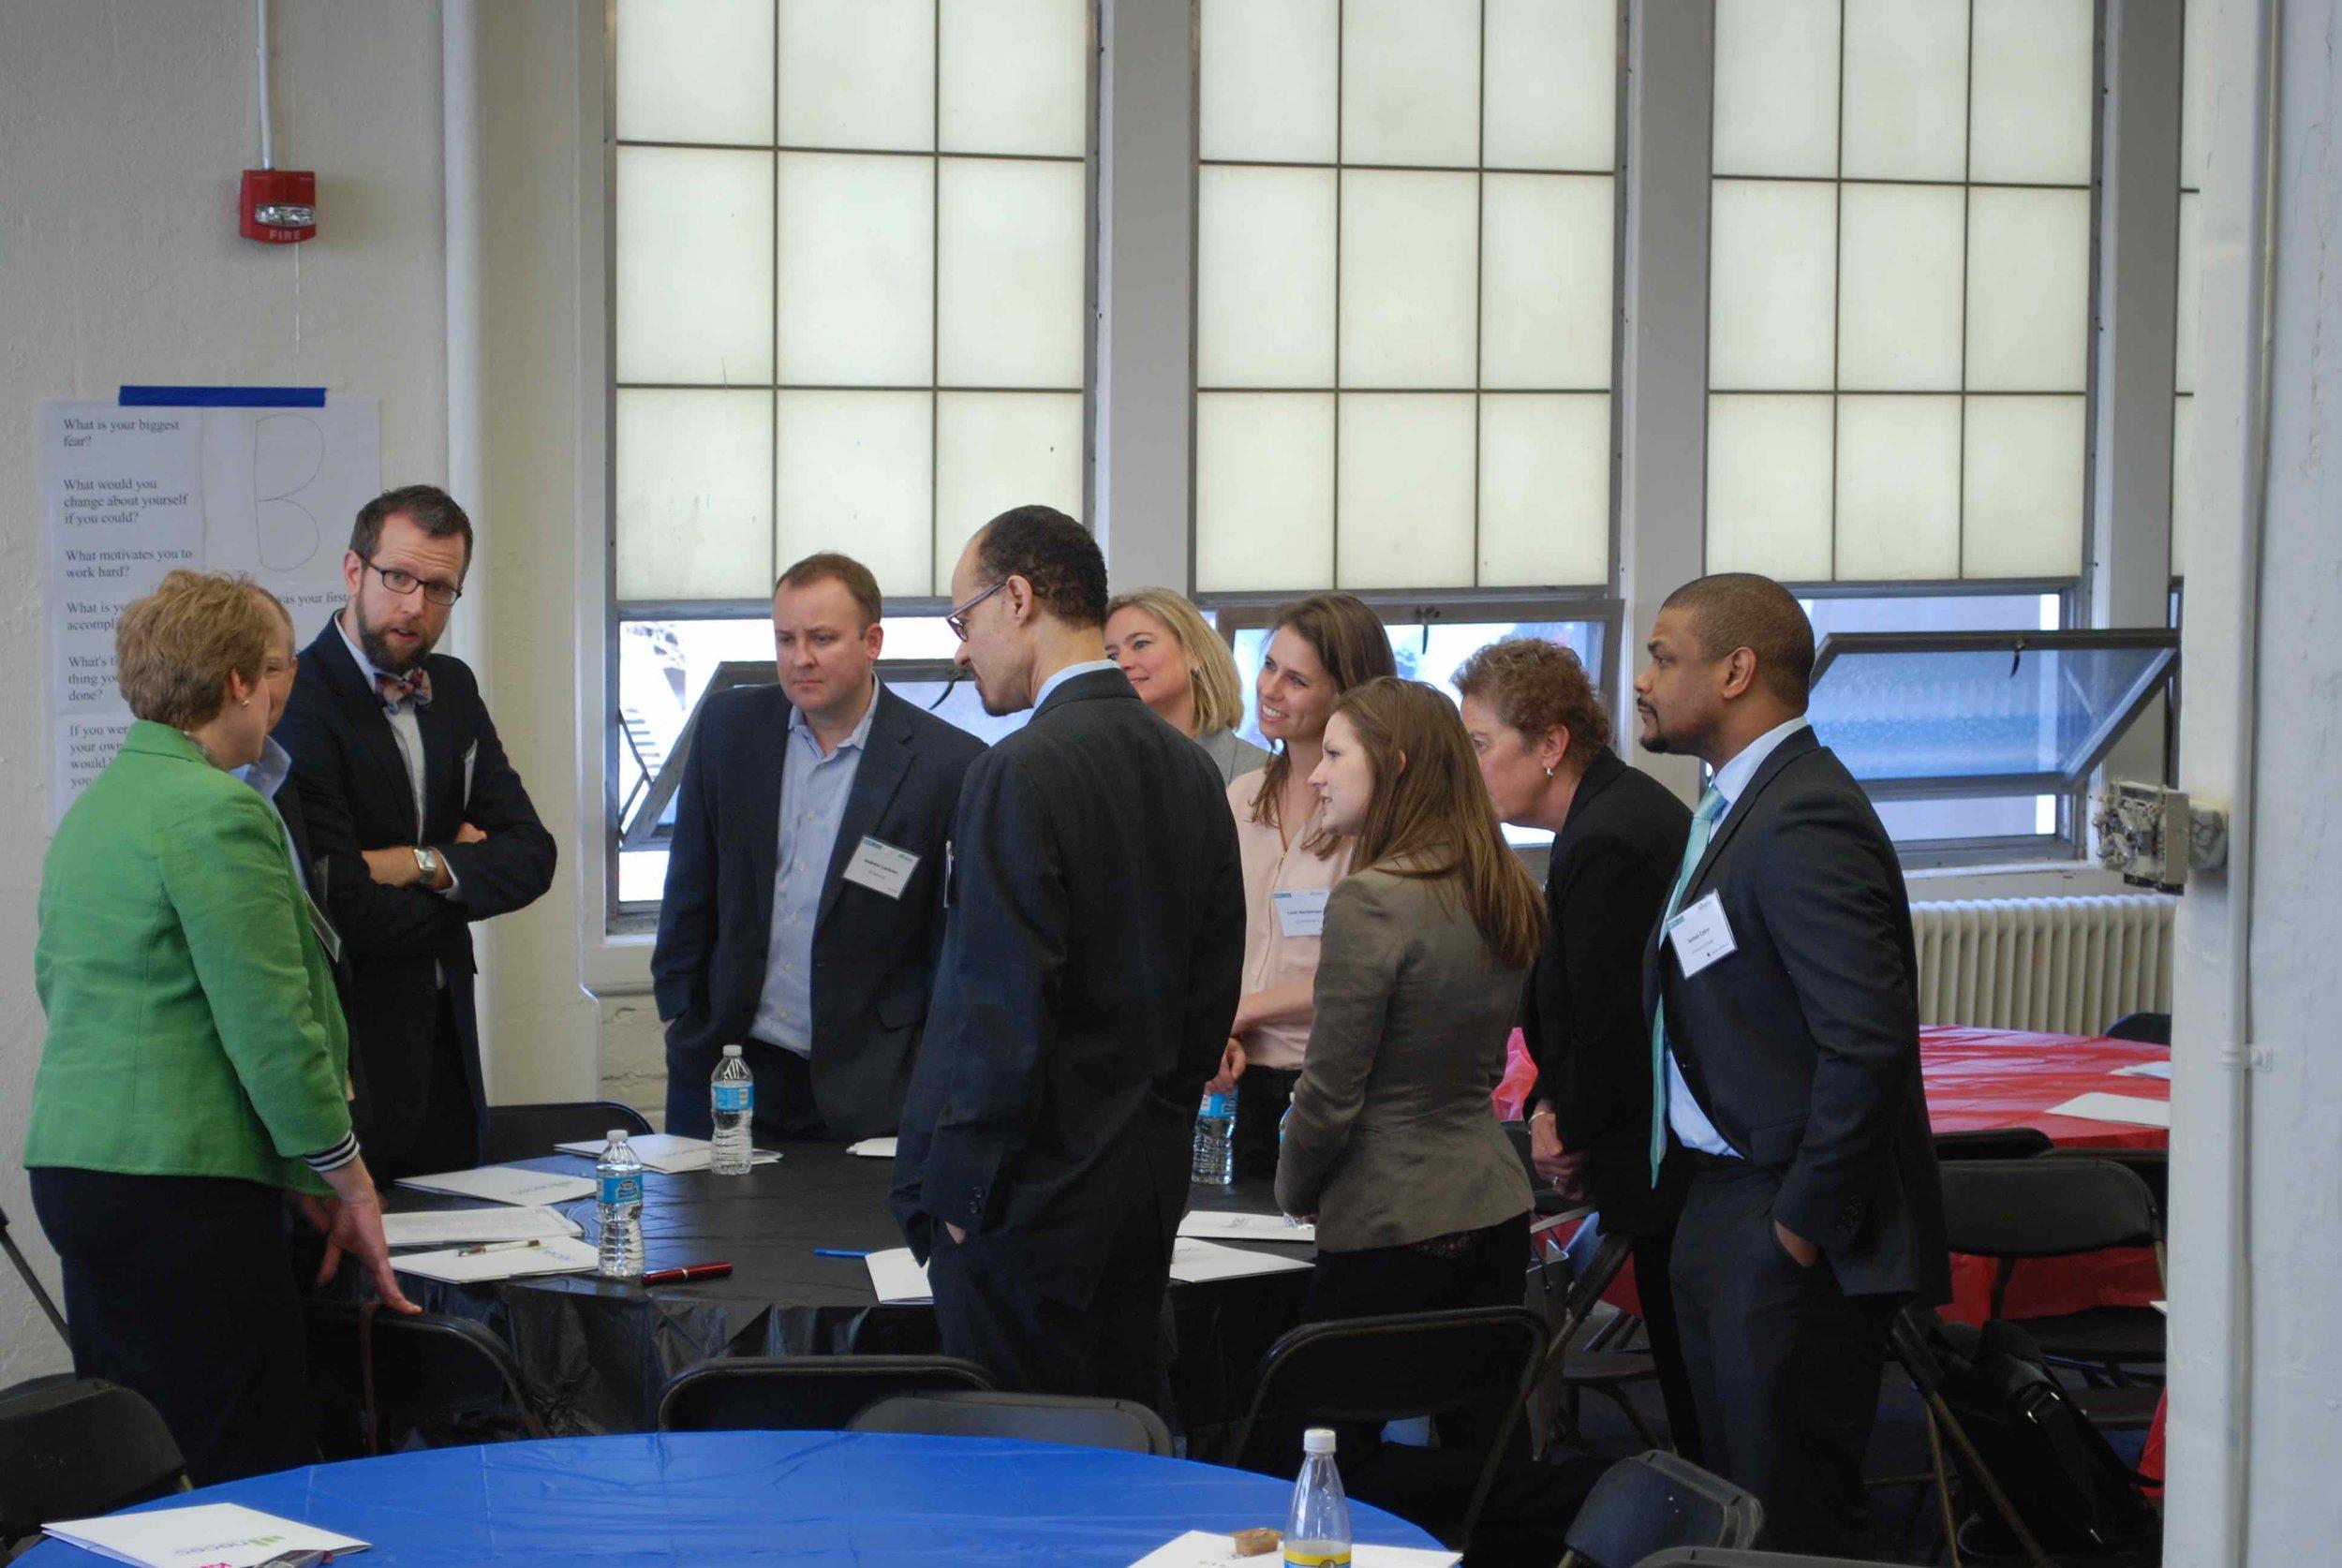 Meeting WCTI